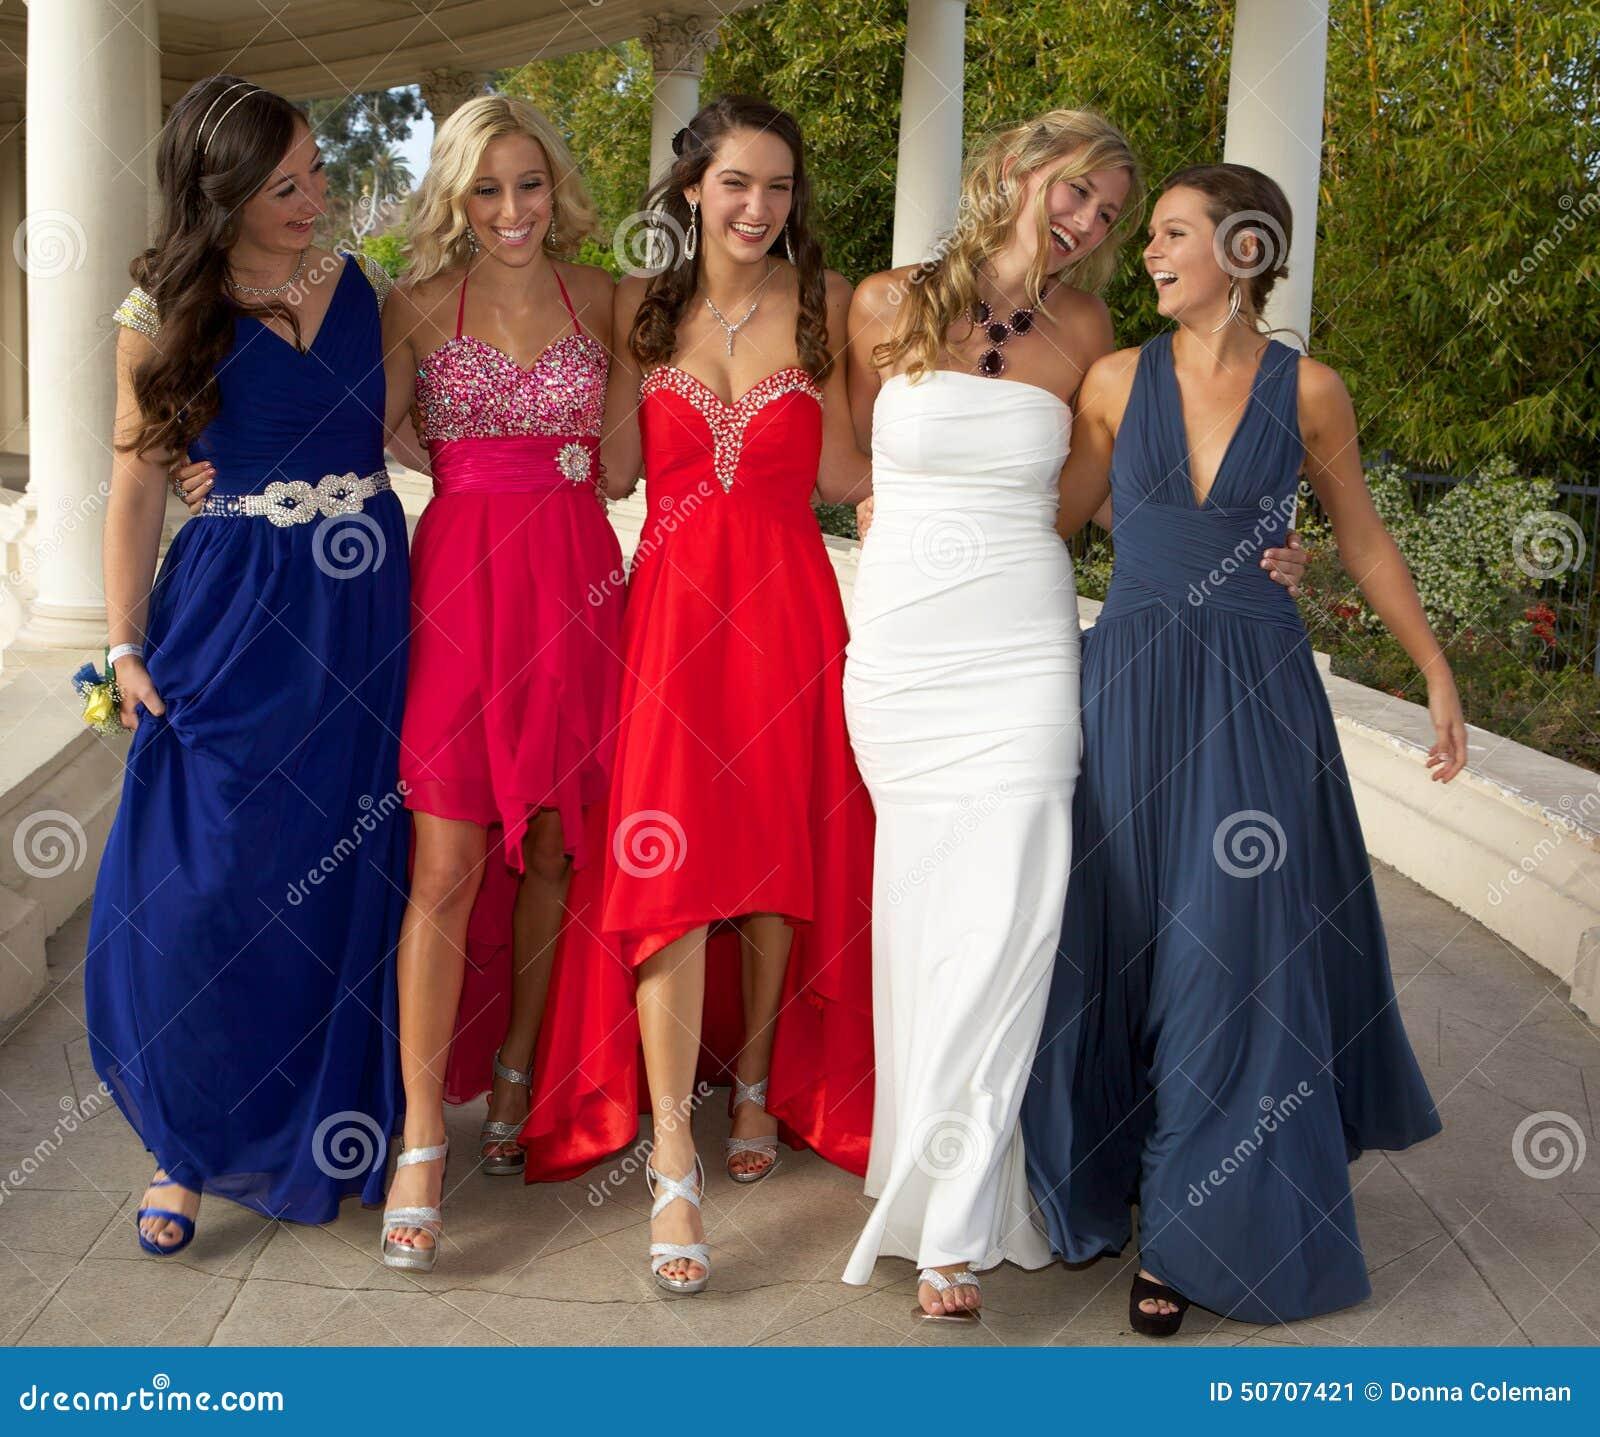 Um grupo de adolescentes que andam em seu baile de finalistas veste-se